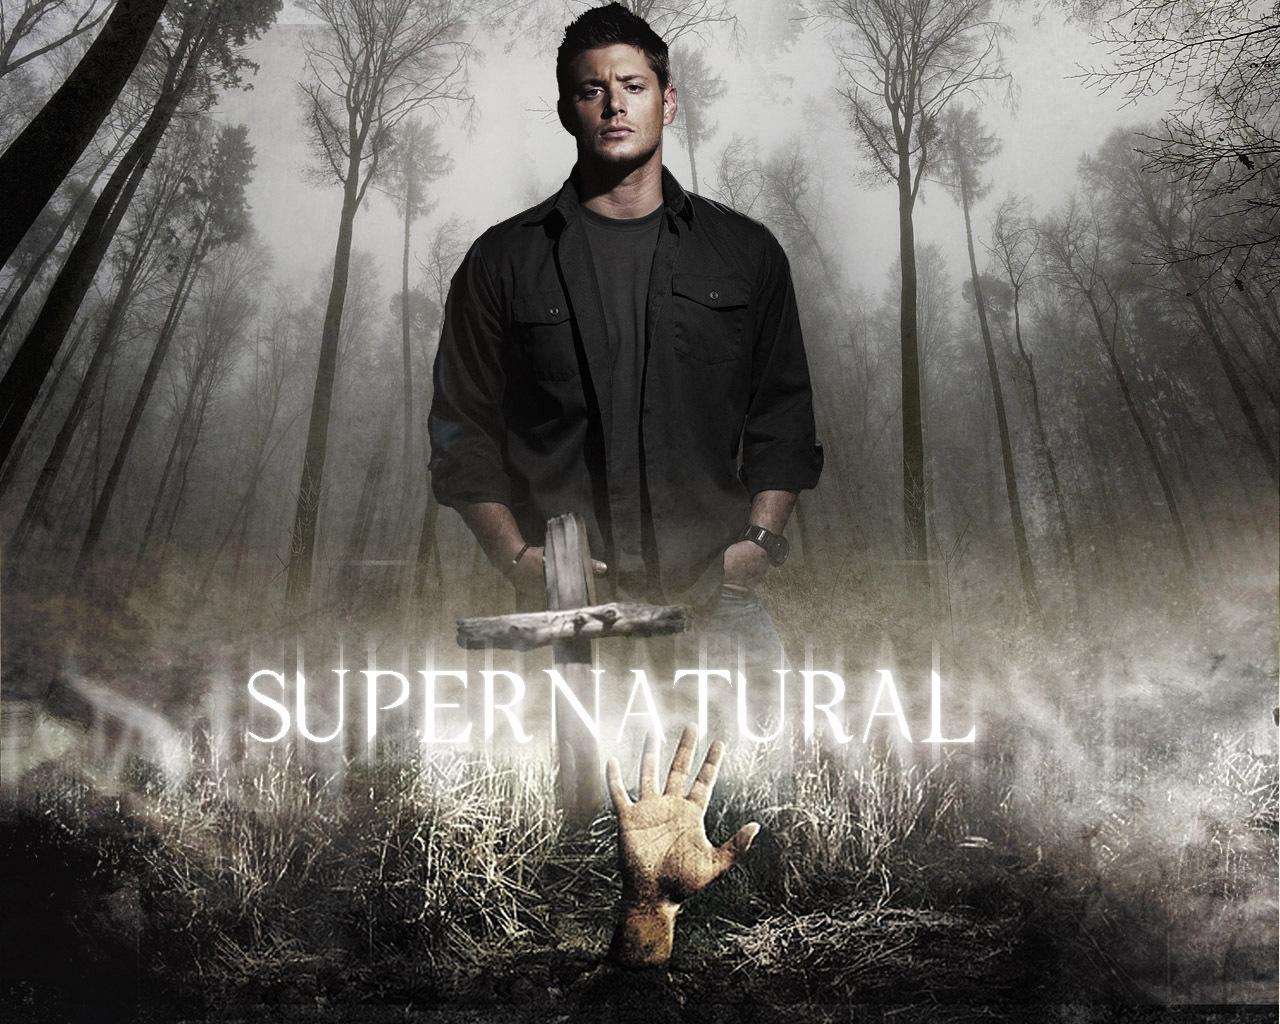 Supernatural Supernatural 1280x1024